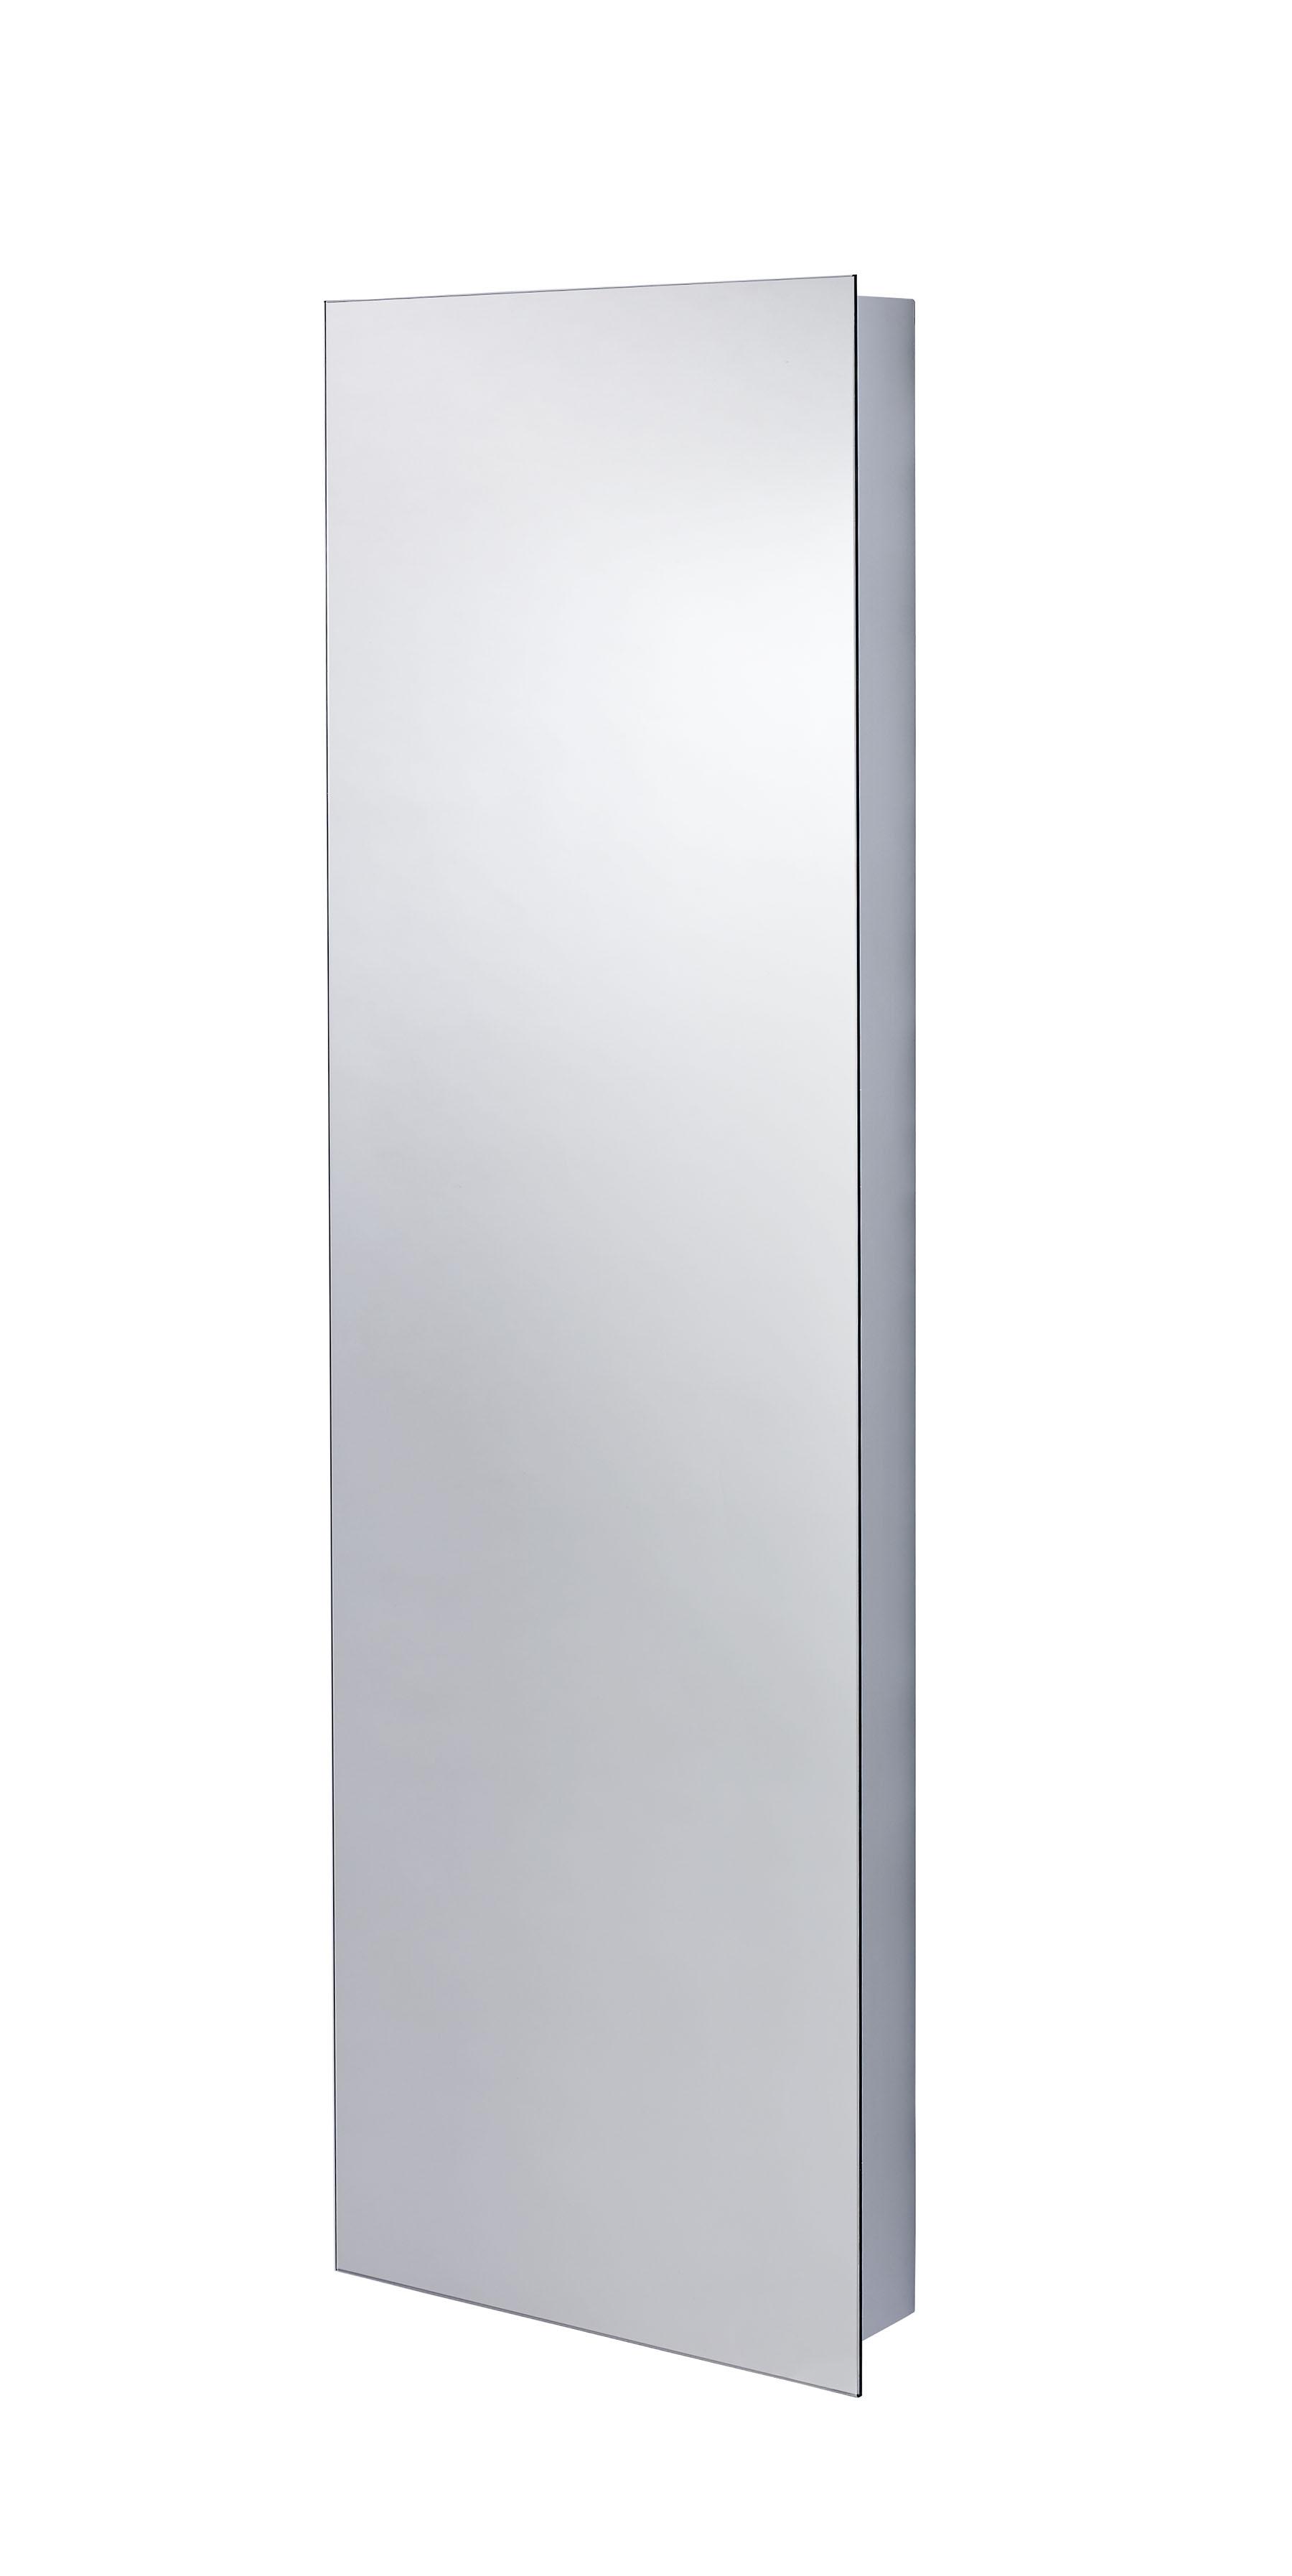 Iona 1400 Tall Boy Aluminium 1 Door Cabinet Bath Giant